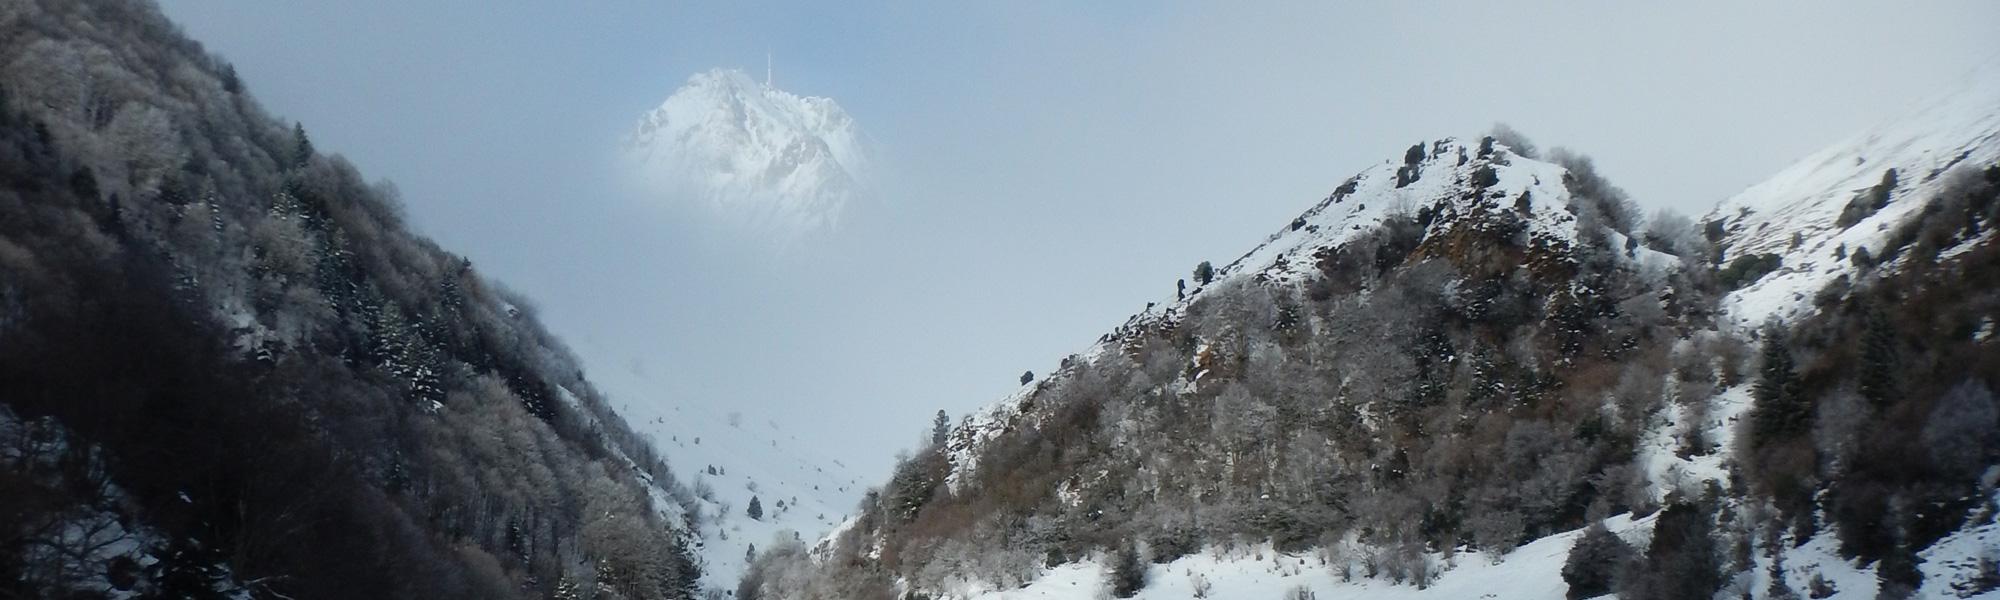 randonnée raquettes la mongie - pic du midi